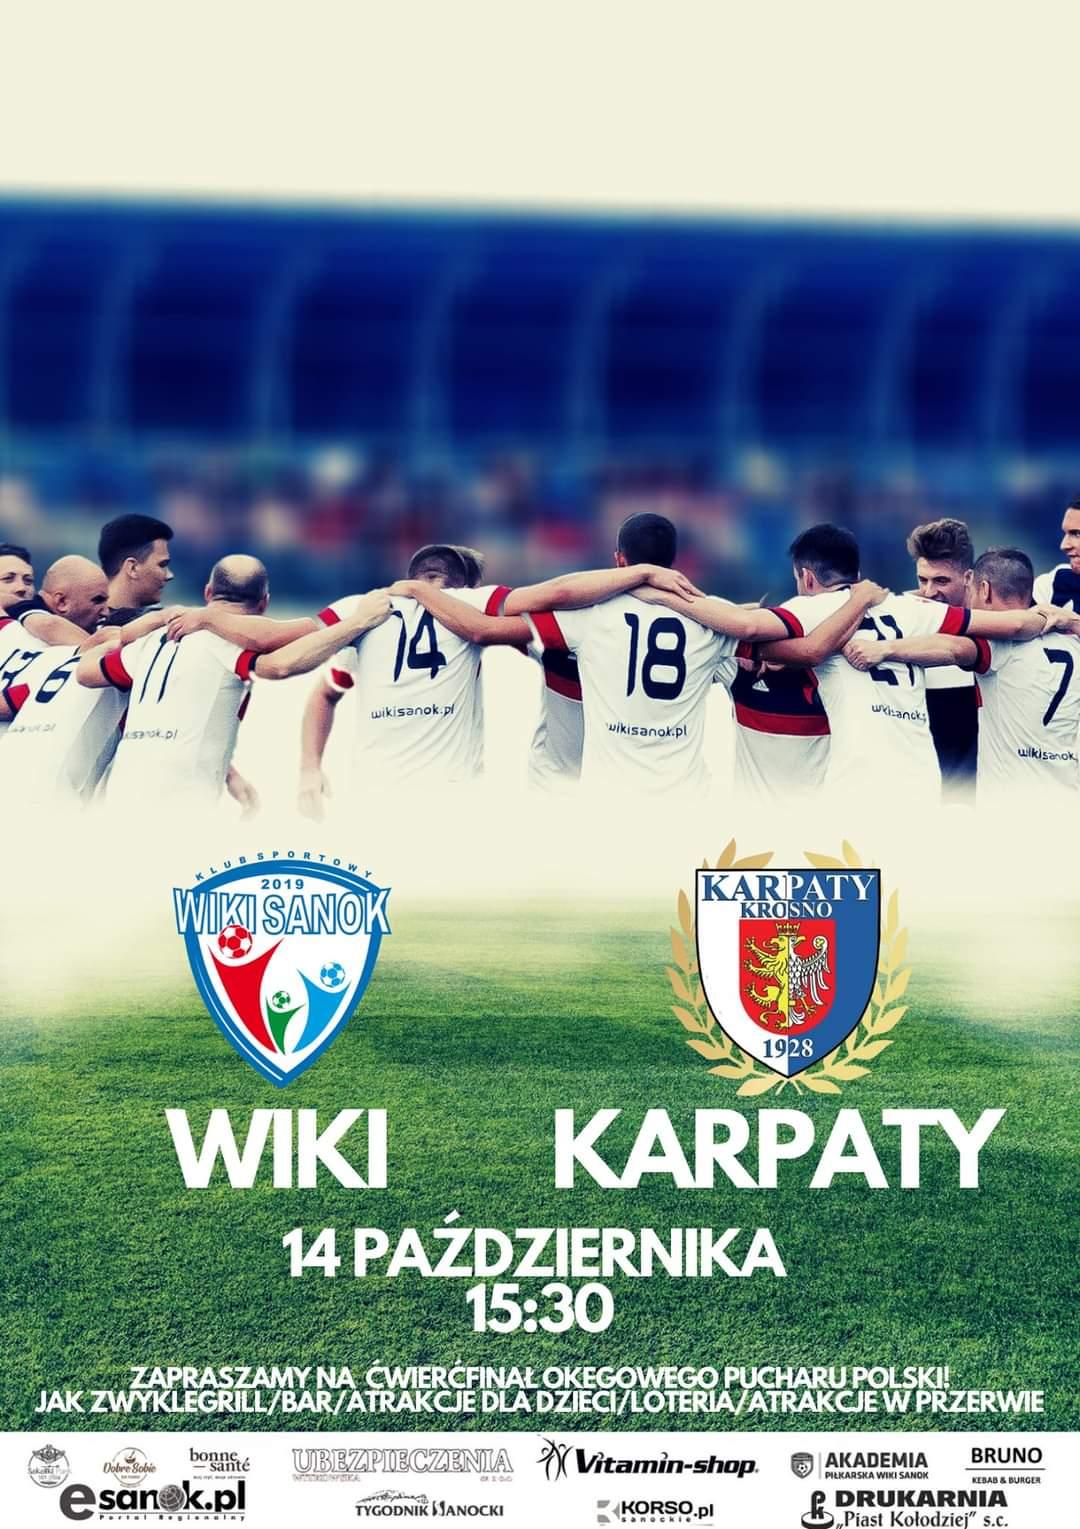 Wiki Sanok zagra w środę 14 października w Pucharze Polski z Karpatami Krosno - Zdjęcie główne